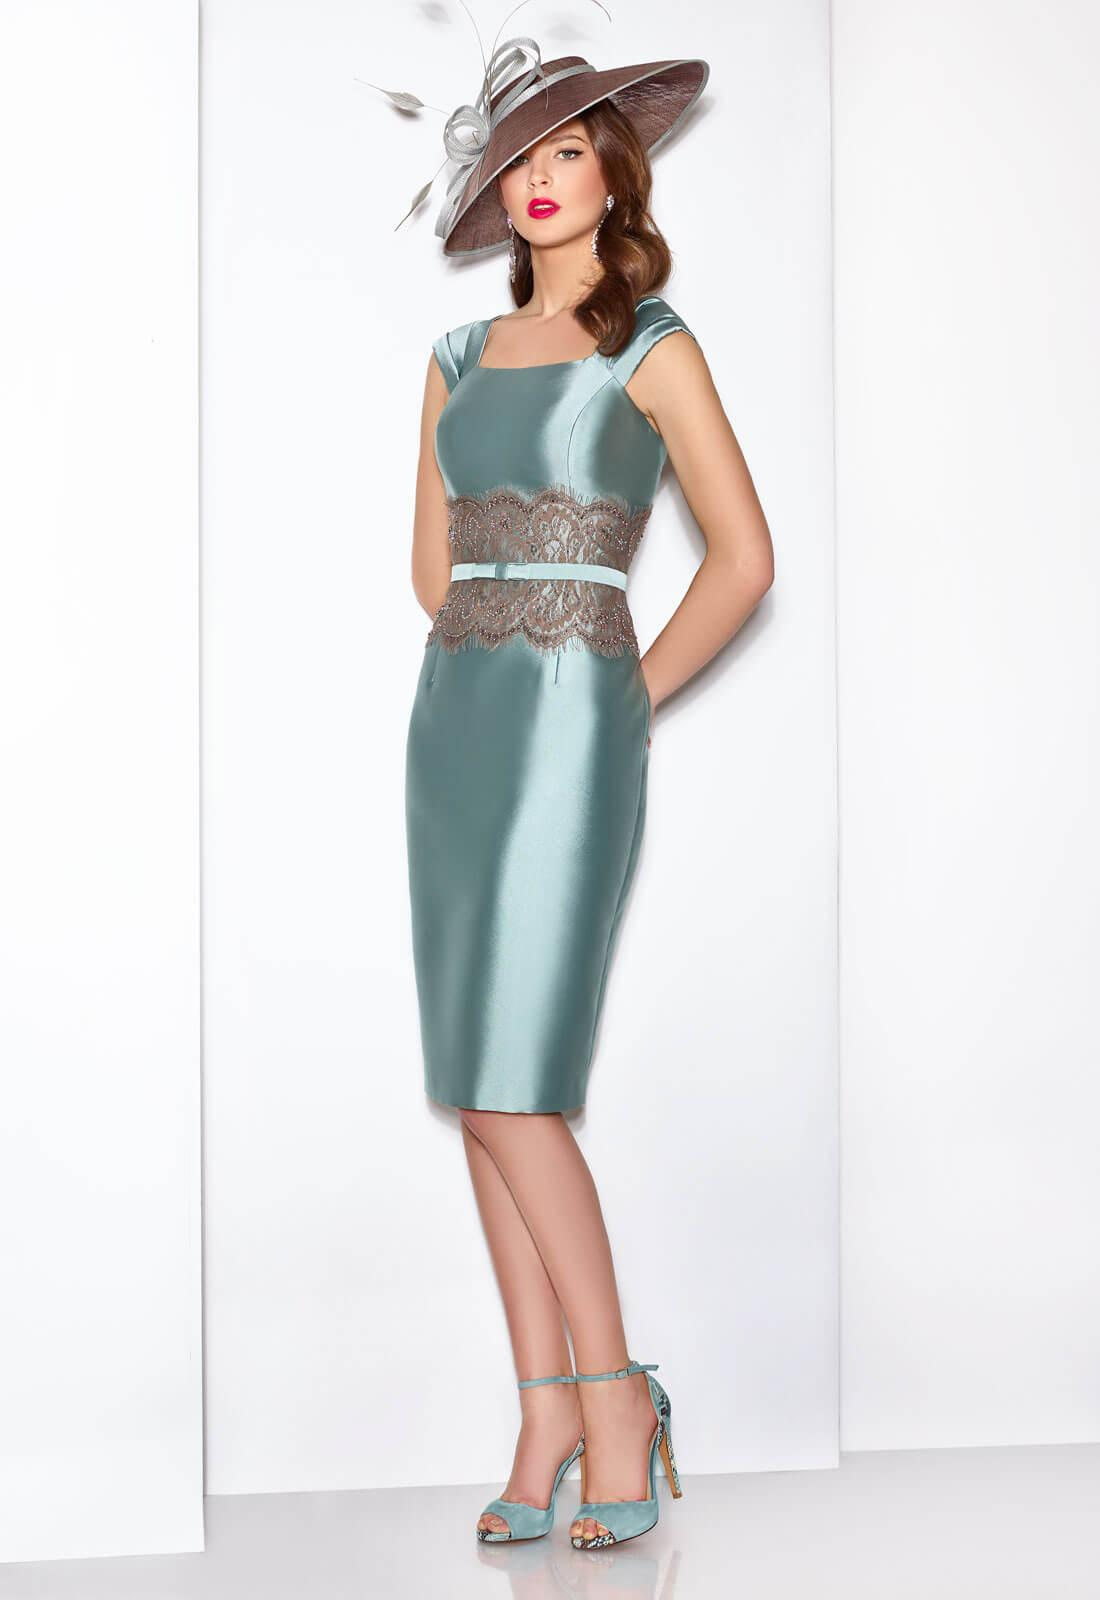 elegantna_obleka_za_gospe_za_poroko_svecan_dogodek_obleka_in_jakna